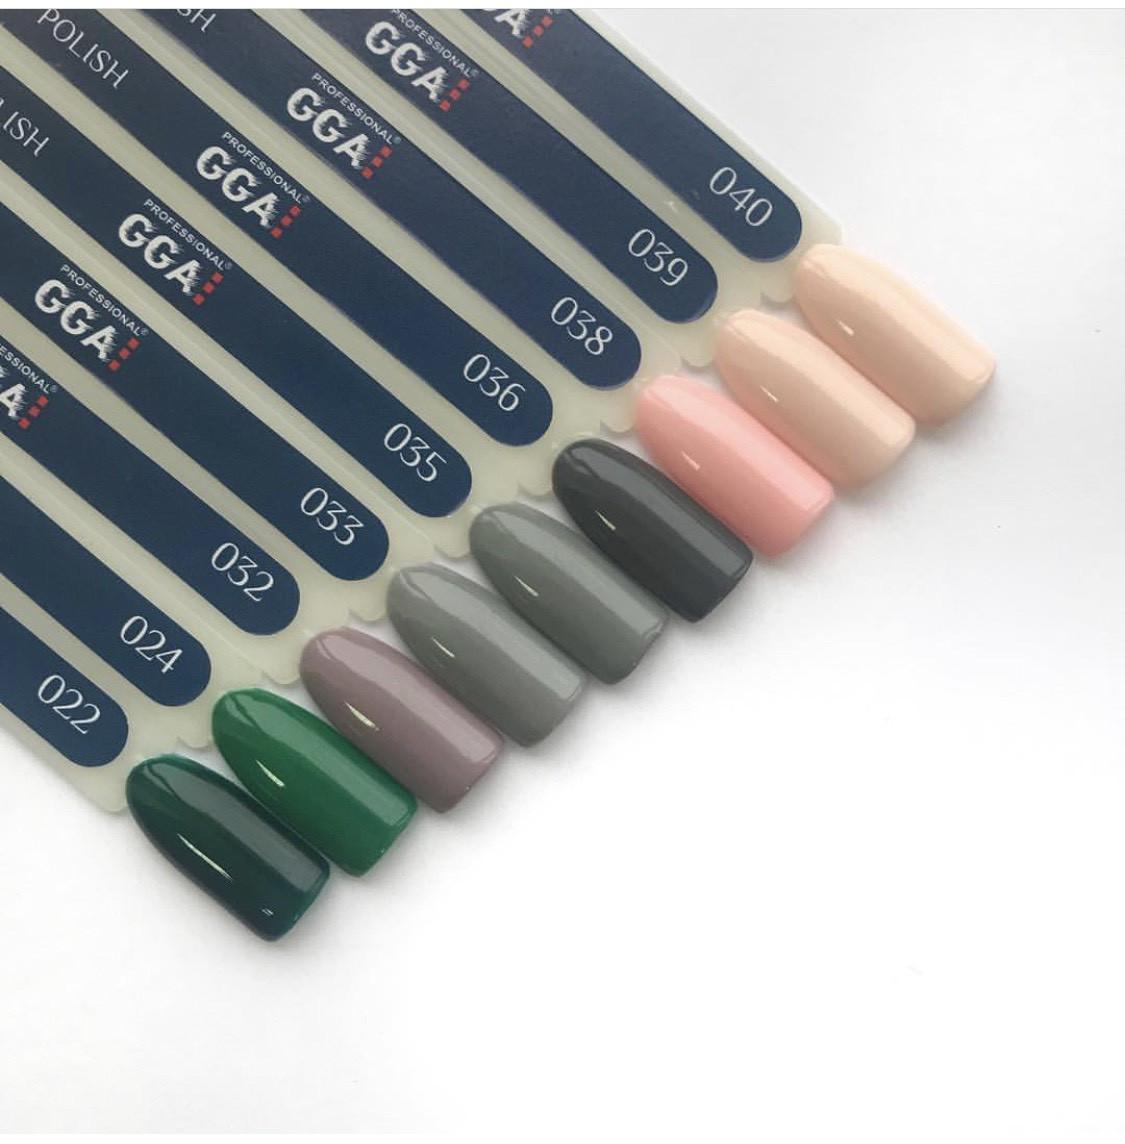 Гель-лак GGA  Professional 10 ml, разные цвета 032